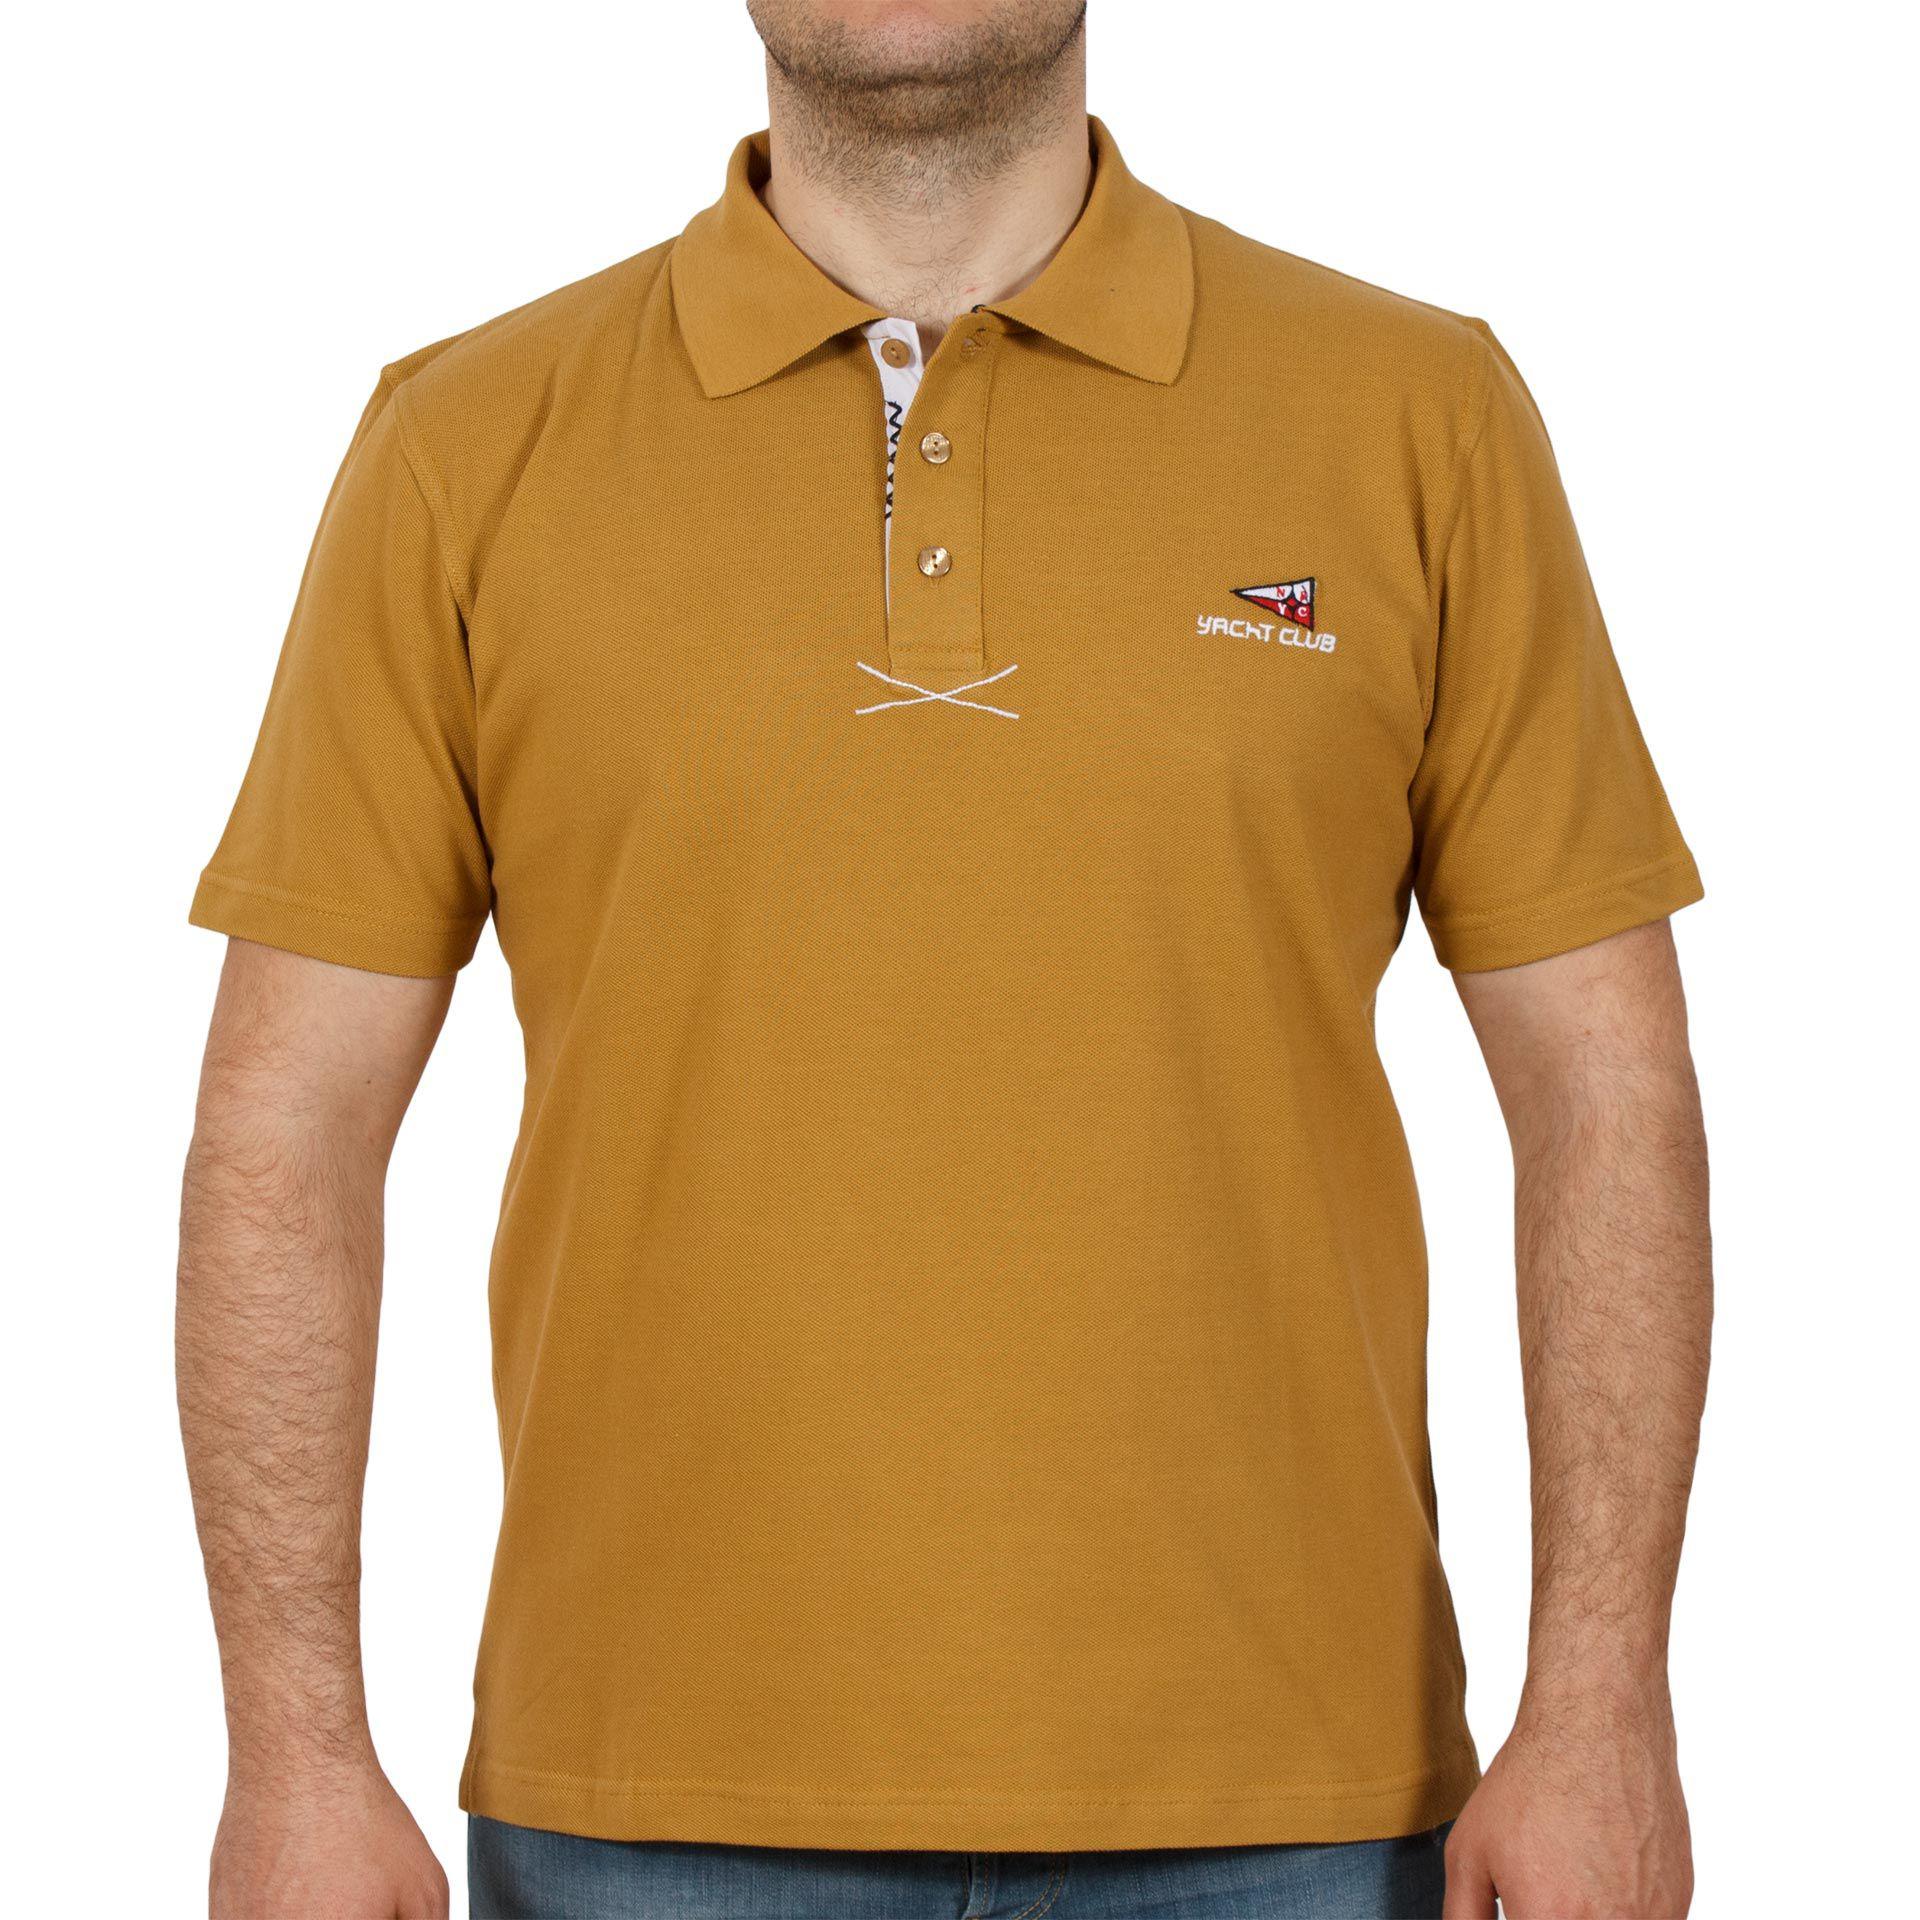 Ανδρική μπλούζα polo START 99-509-17